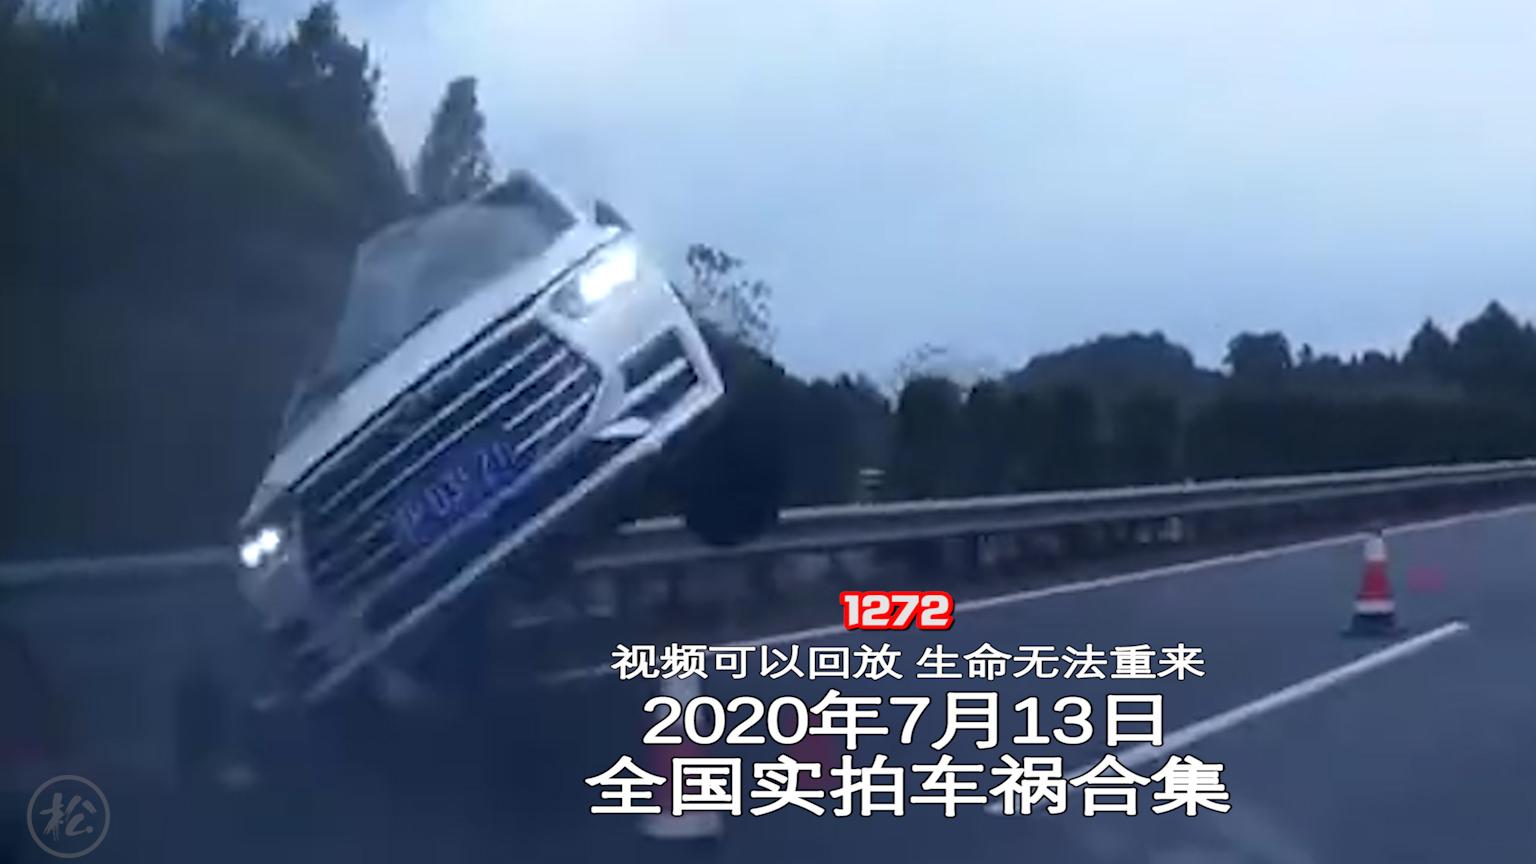 1272期:小车起火,公交车司机赶紧停车抓起灭火器上前灭火【20200713全国车祸合集】